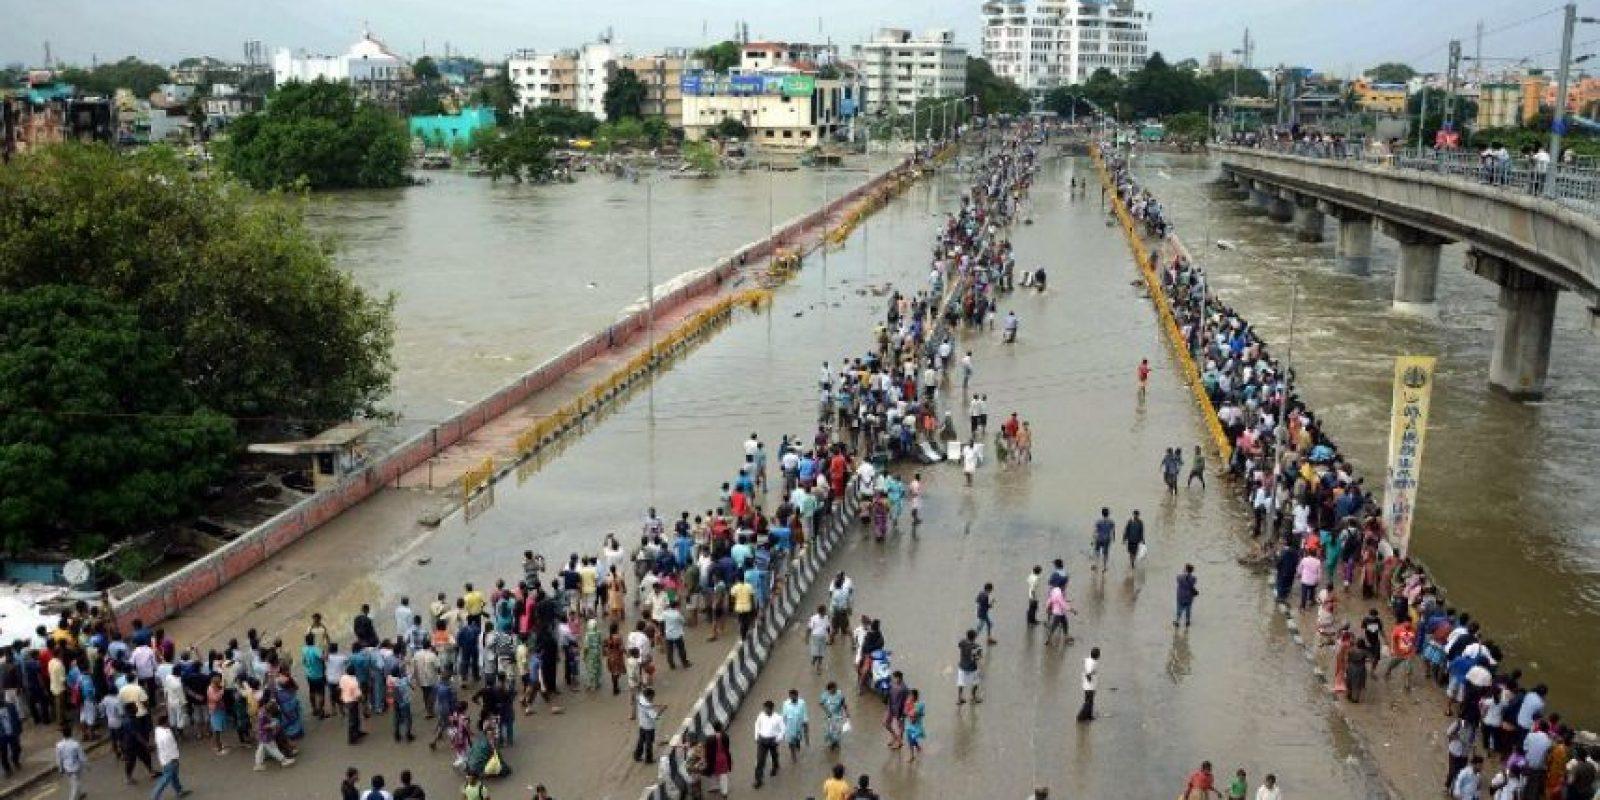 Chennai recibió el miércoles más del doble de la cantidad de lluvia que normalmente se precipita en diciembre. Foto:AFP